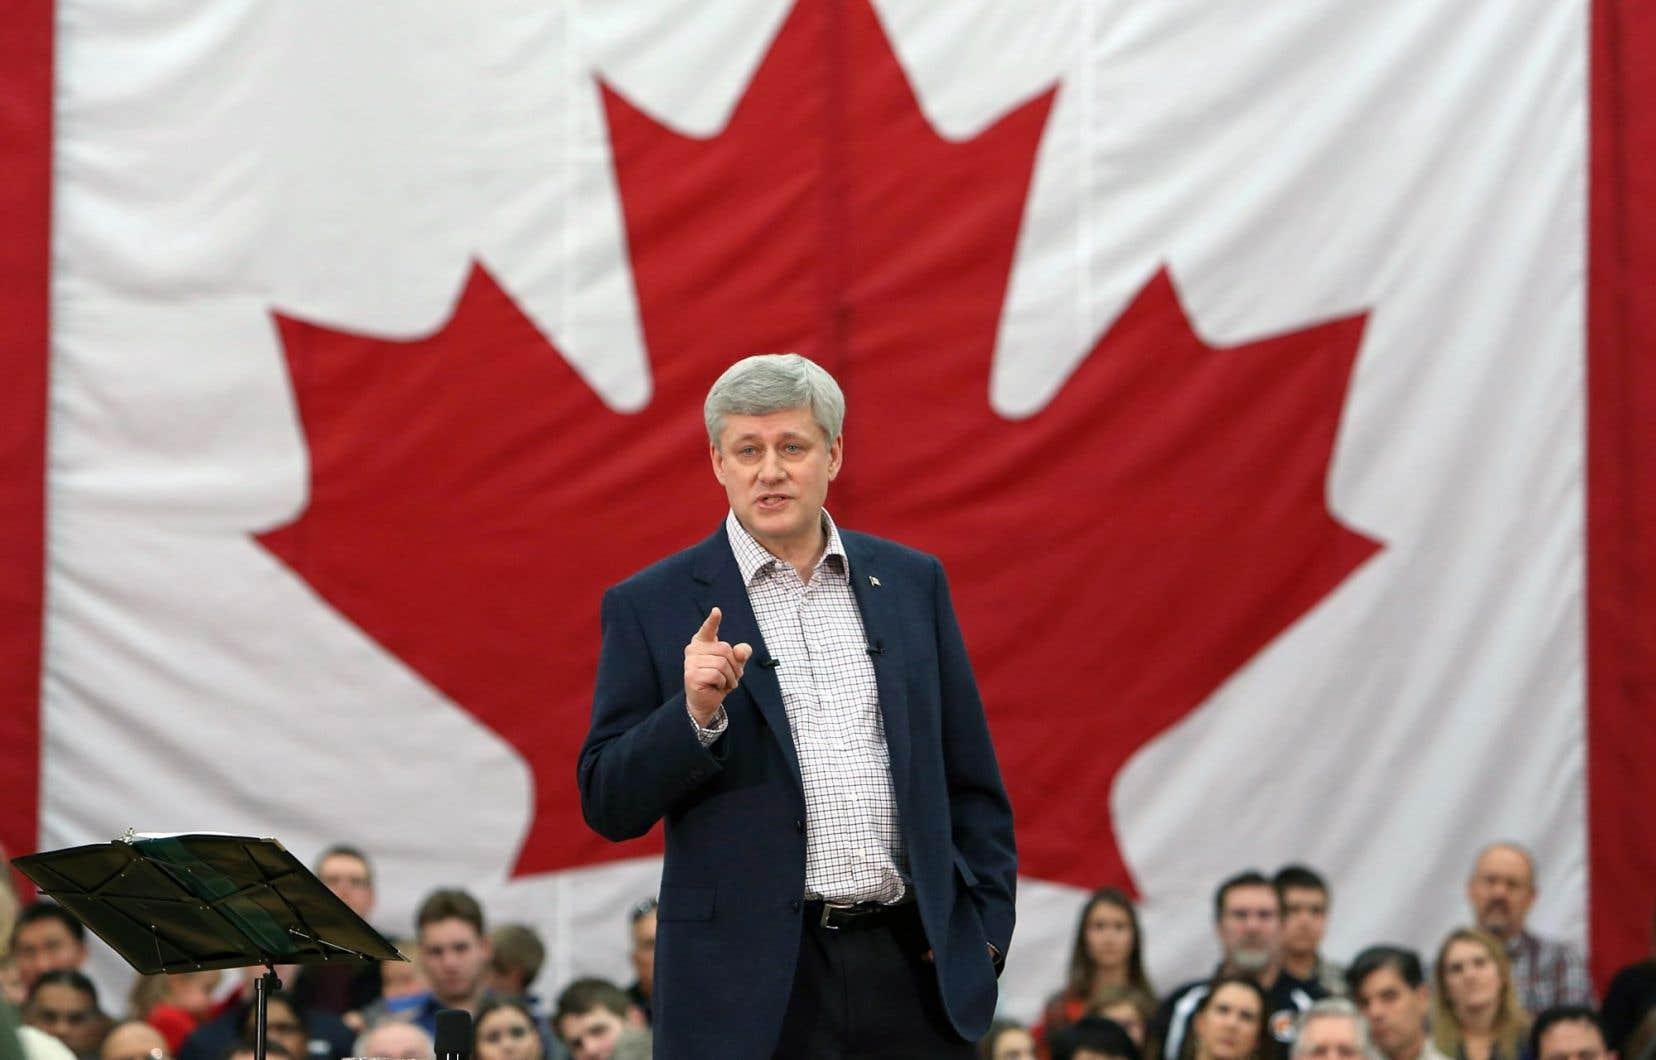 Le premier ministre Harper s'est adressé à des partisans, dimanche à Ottawa, dans un discours à saveur électorale.